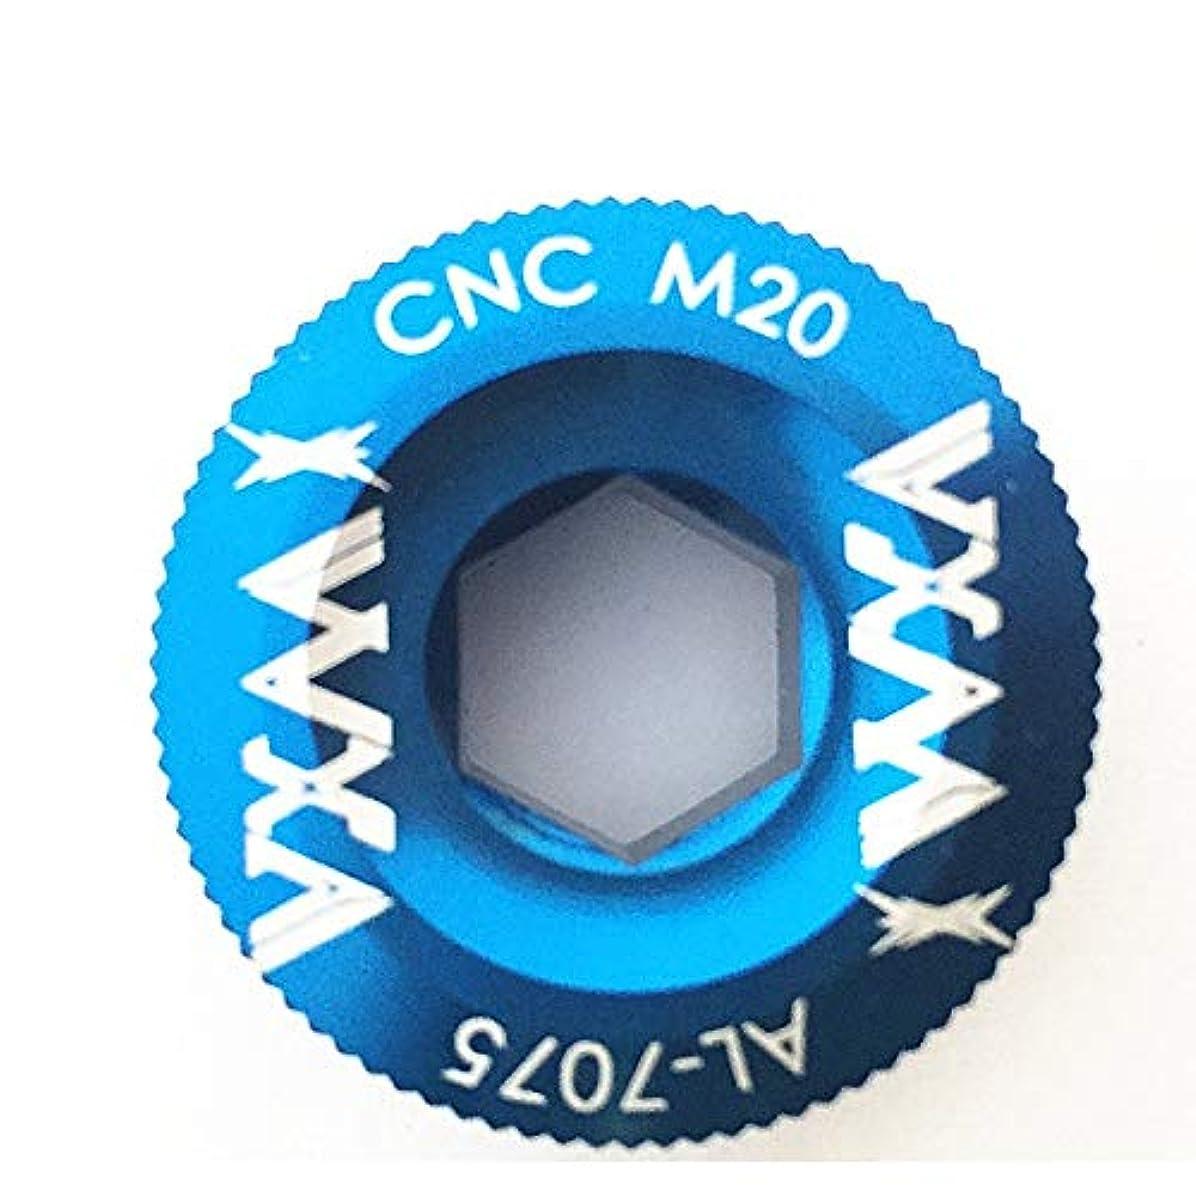 スナップ領事館かかわらずPropenaryは - 自転車クランクカバーのネジキャップM20ロードバイククランクボルトクランクセットはバイクフィッティングボルトCNCクランクアームネジBB軸の固定ネジ[青]